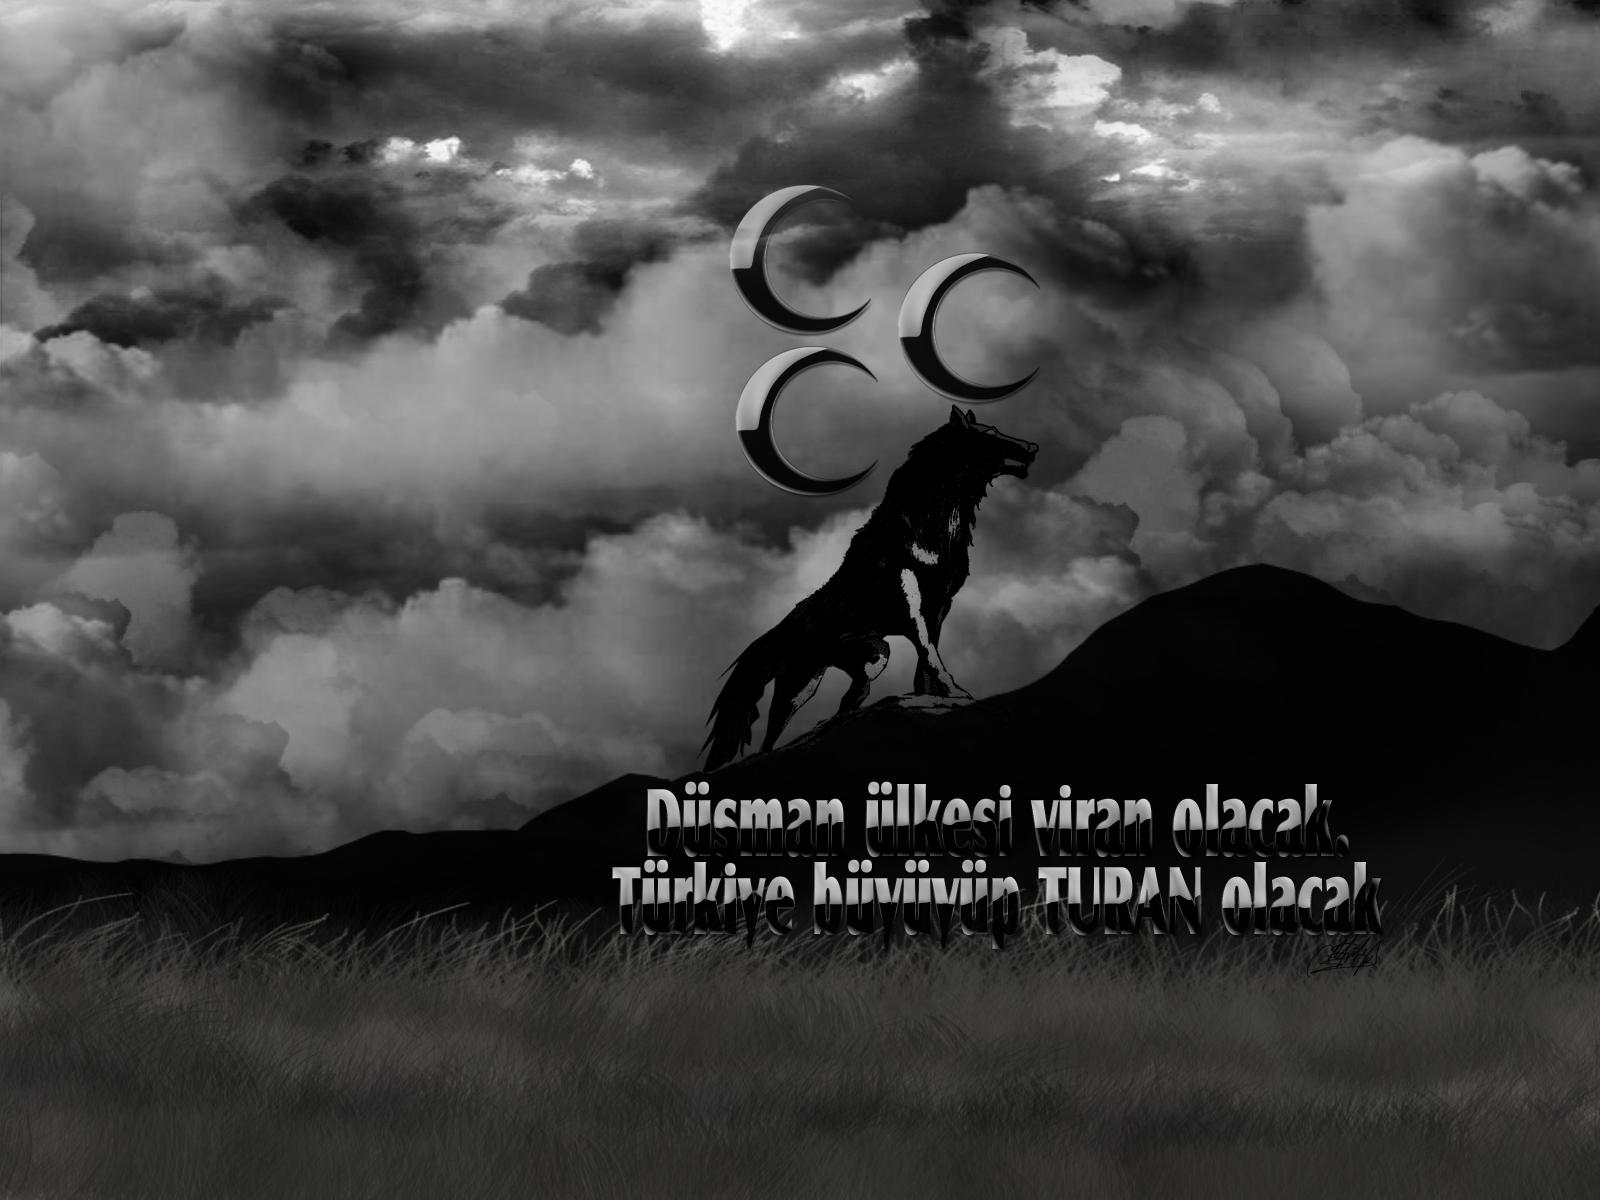 Masaüstü Kurt Türk 1600x1200 Roronoa1903 1356743 Masaüstü